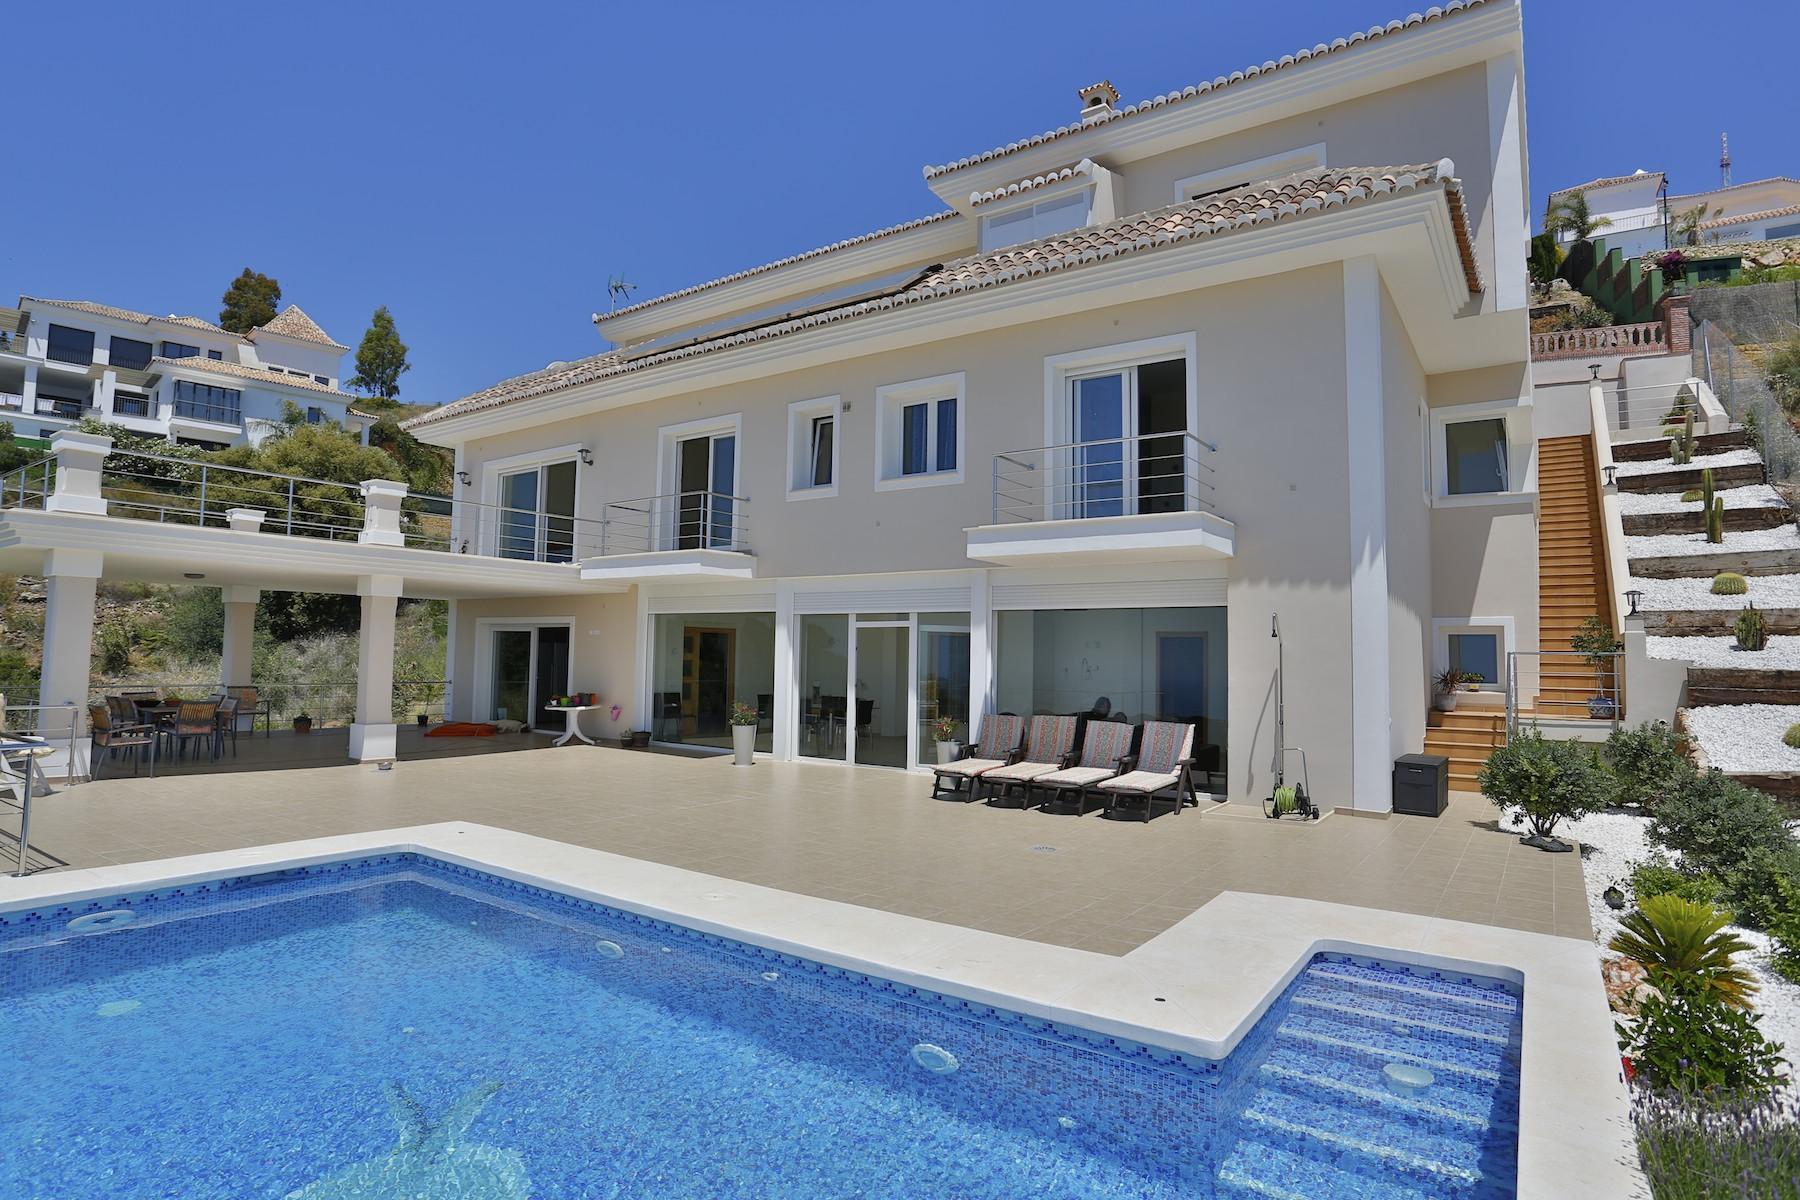 Moradia para Venda às Modern Style villa Altos de Los Monteros Marbella, Costa Del Sol, 29600 Espanha